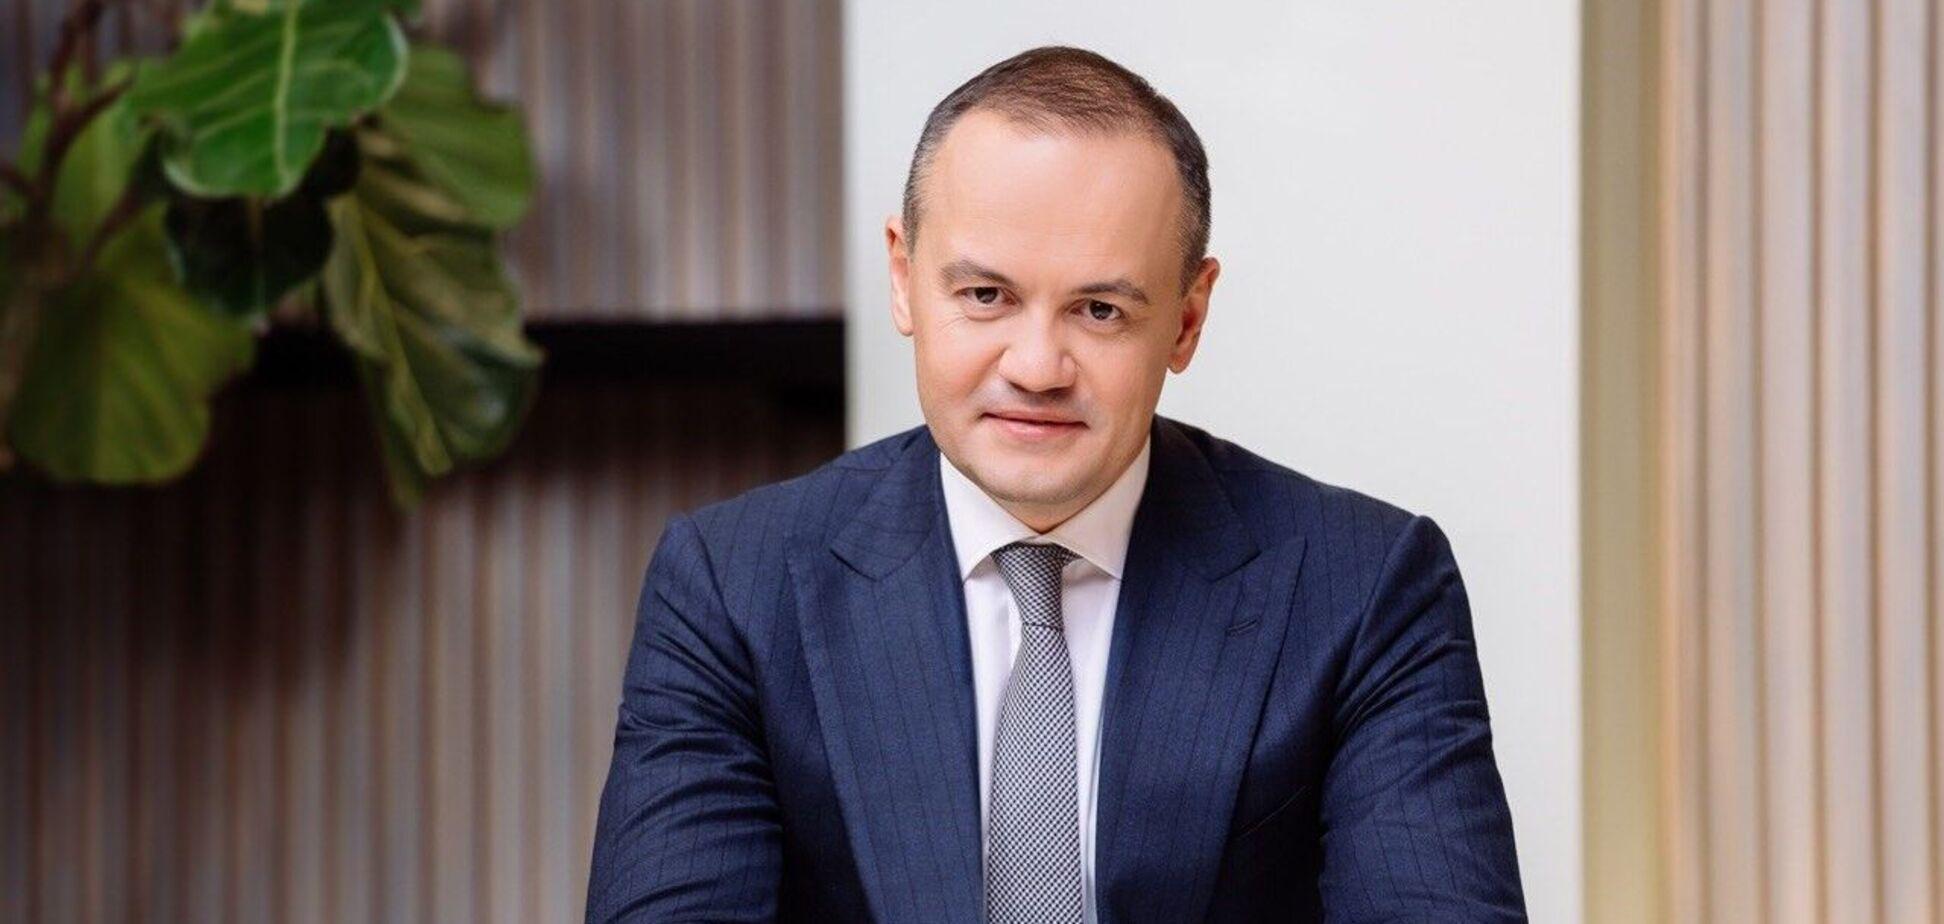 Реформи і синхронізація енергосистем України та ЄС є шляхом до декарбонізації, – Тімченко